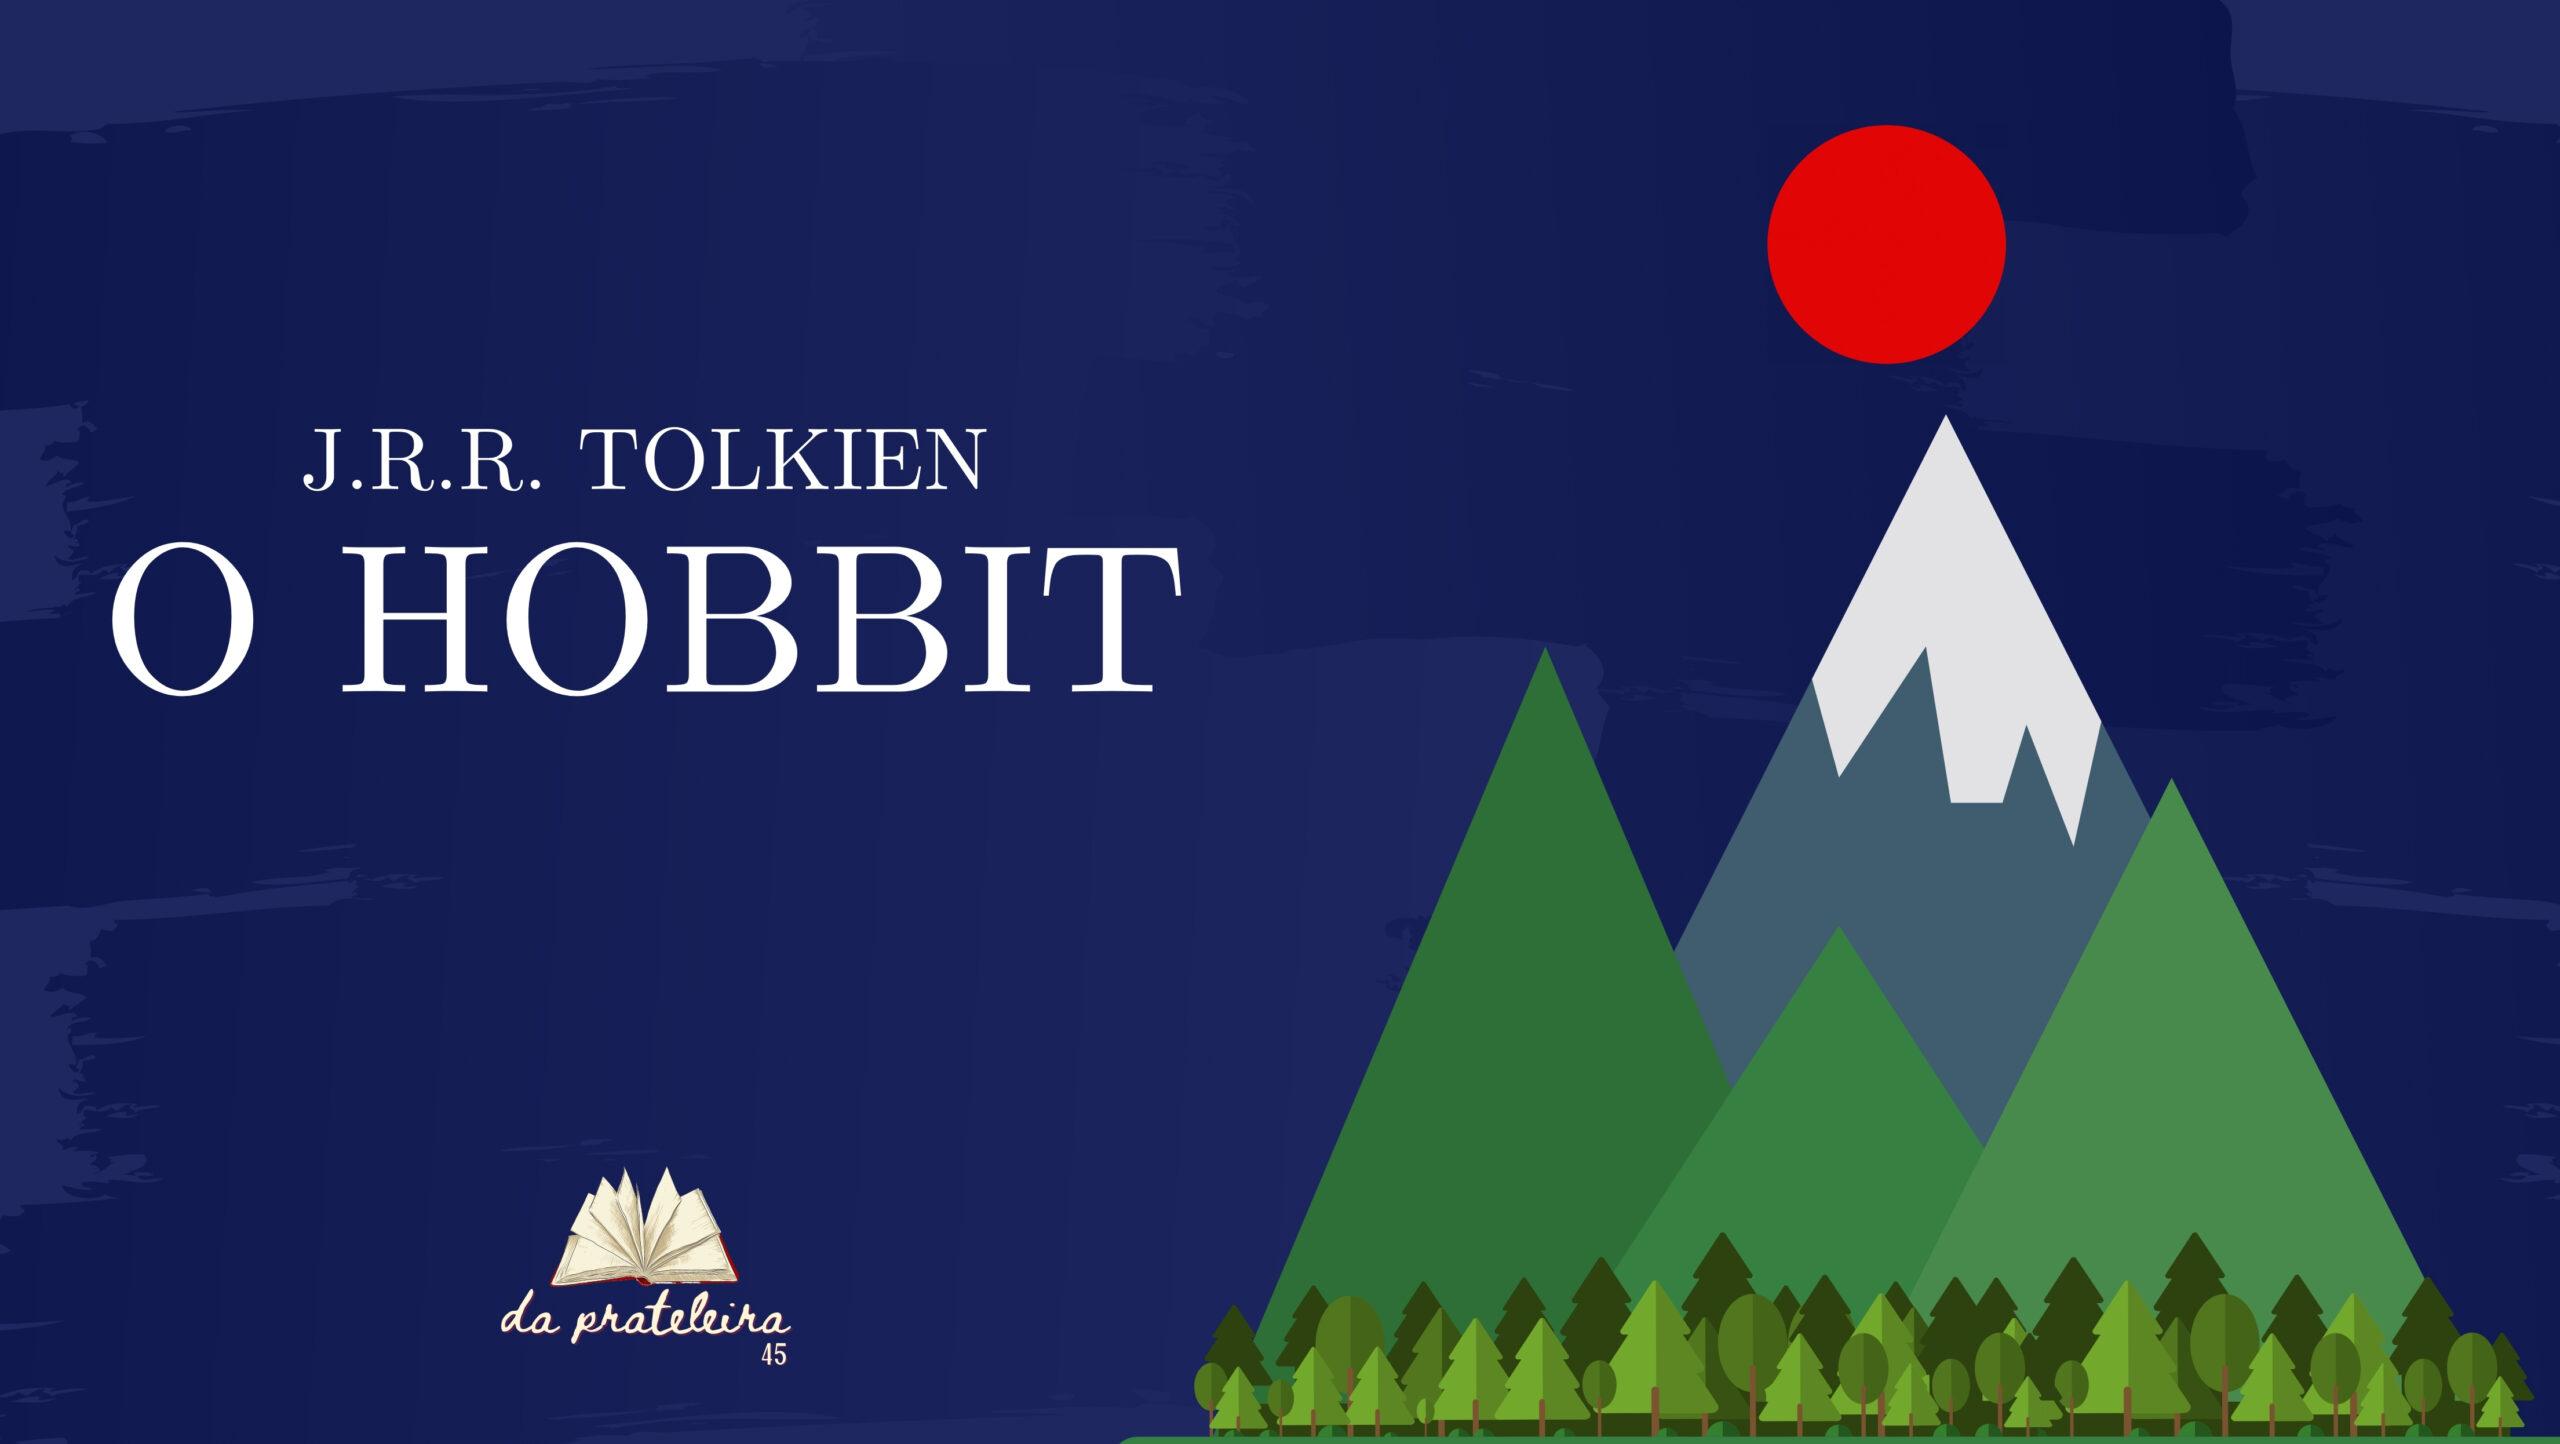 """Fundo azul marinho. Ilustração de montanhas e árvores emulando a capa do livro. Na parte superior o título """"O Hobbit"""" de J. R. R. Tolkien."""